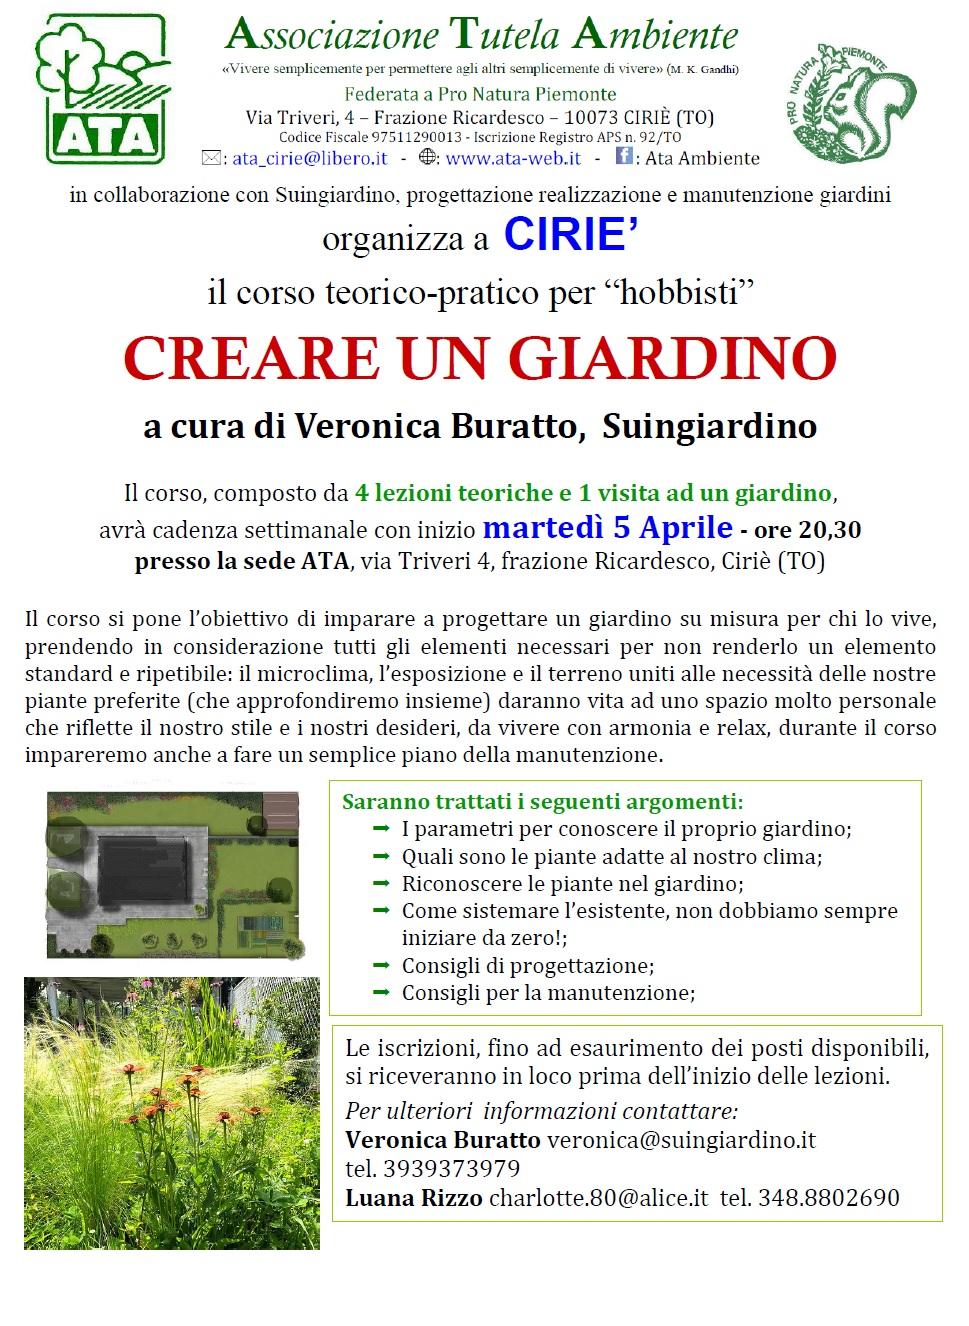 Corso di giardinaggio ata associazione tutela ambiente for Creare un giardino